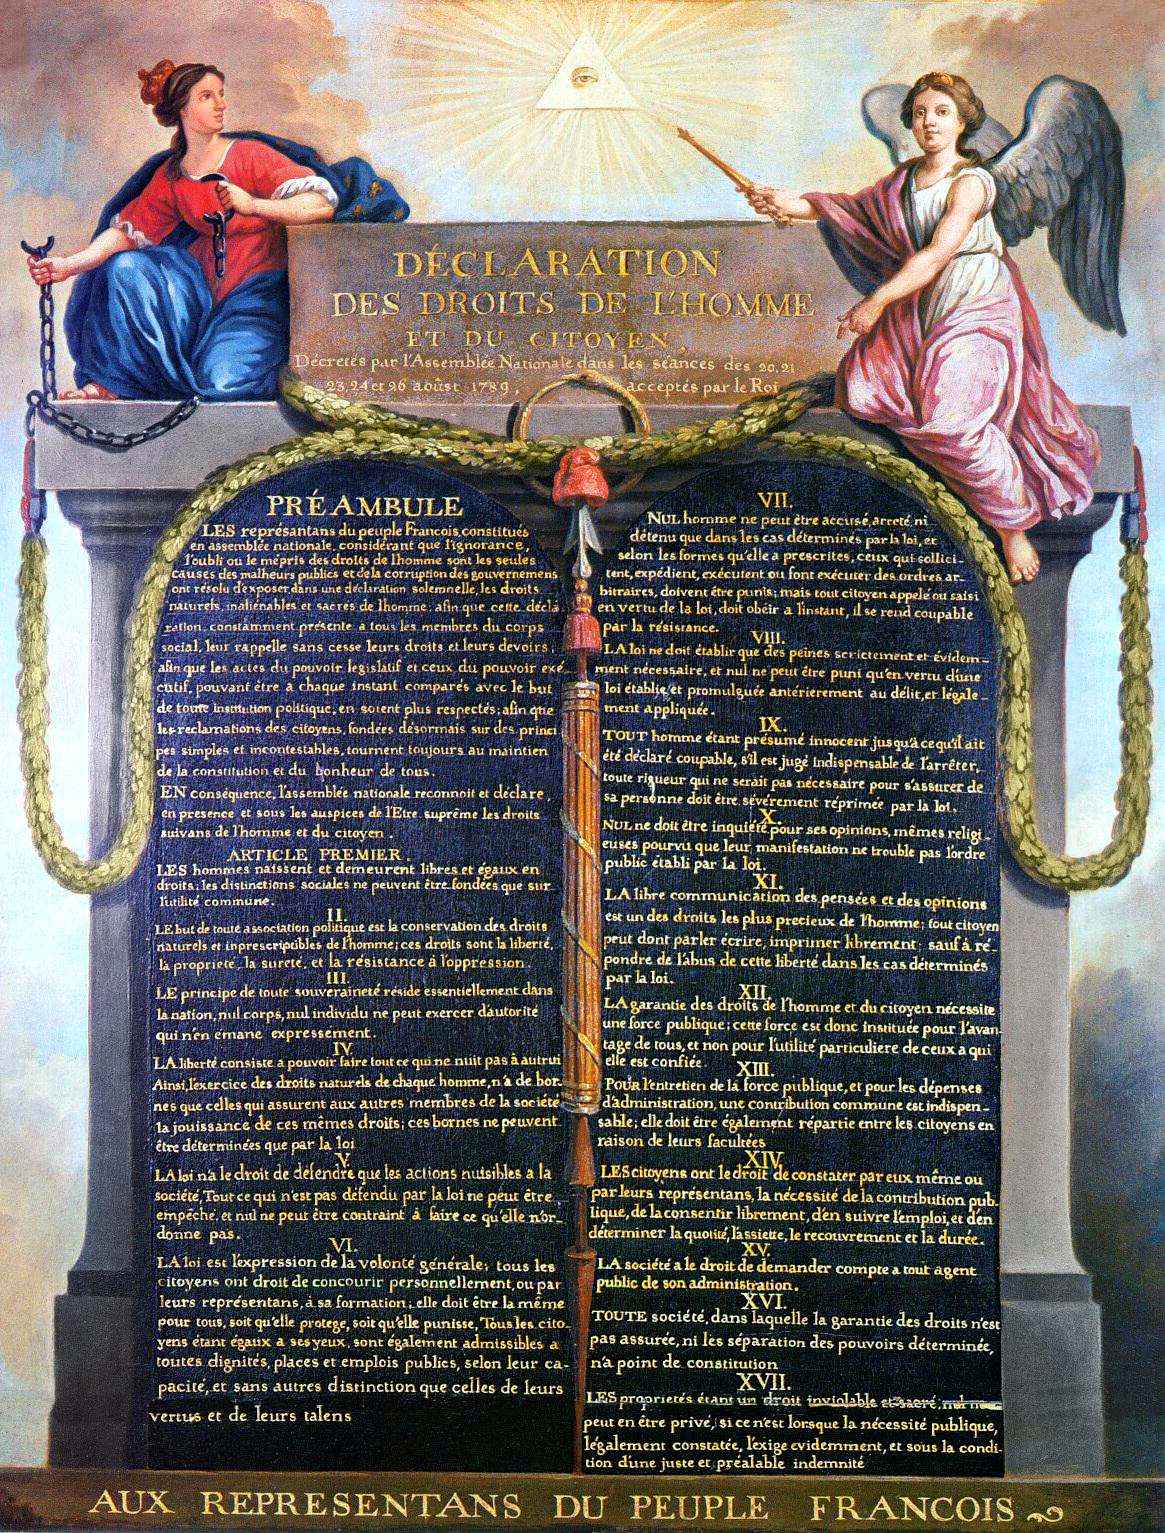 Rappresentazione della Dichiarazione dei Diritti dell'uomo e del cittadino (1789)